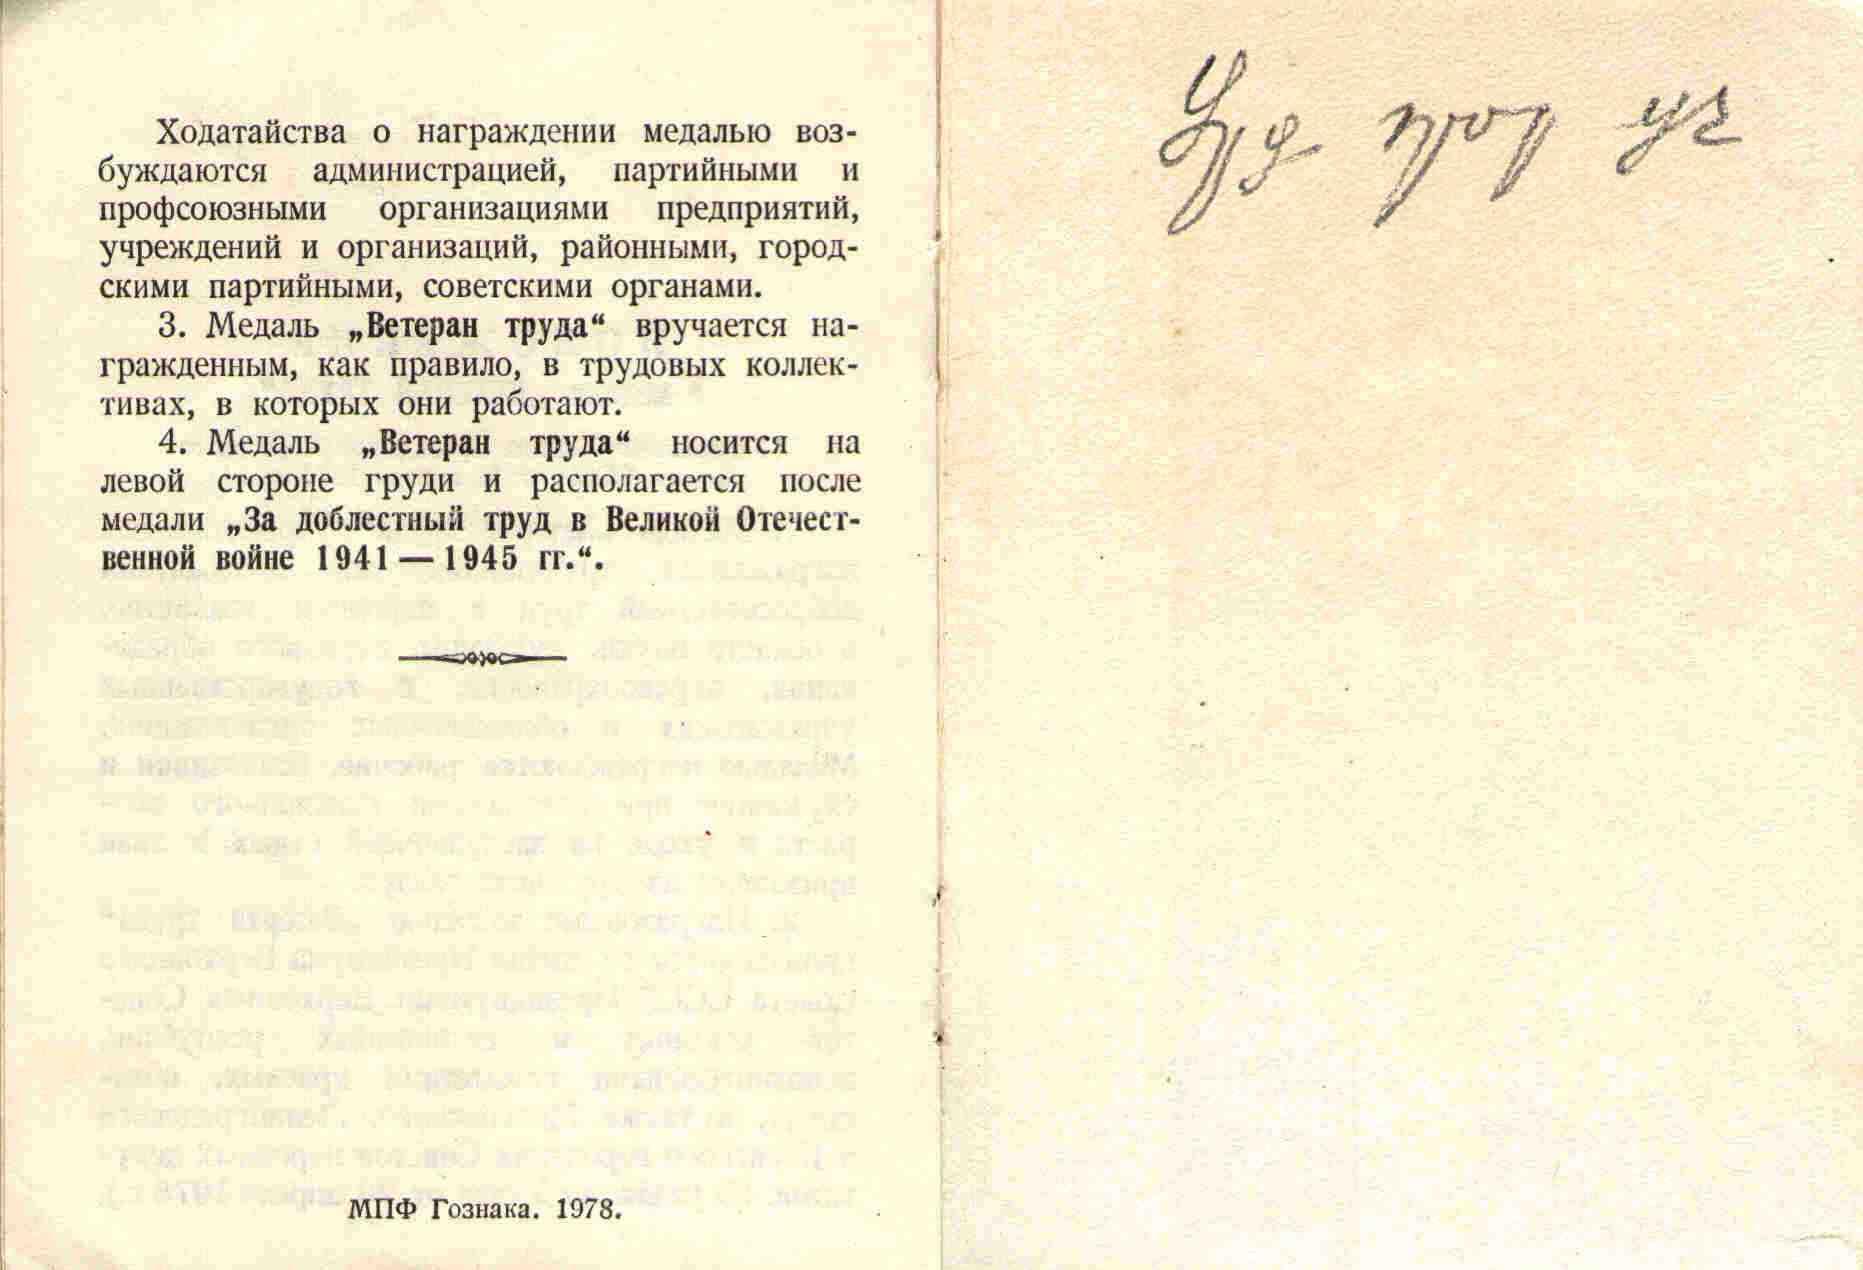 71. Удостоверение к медали Ветеран труда, 1981